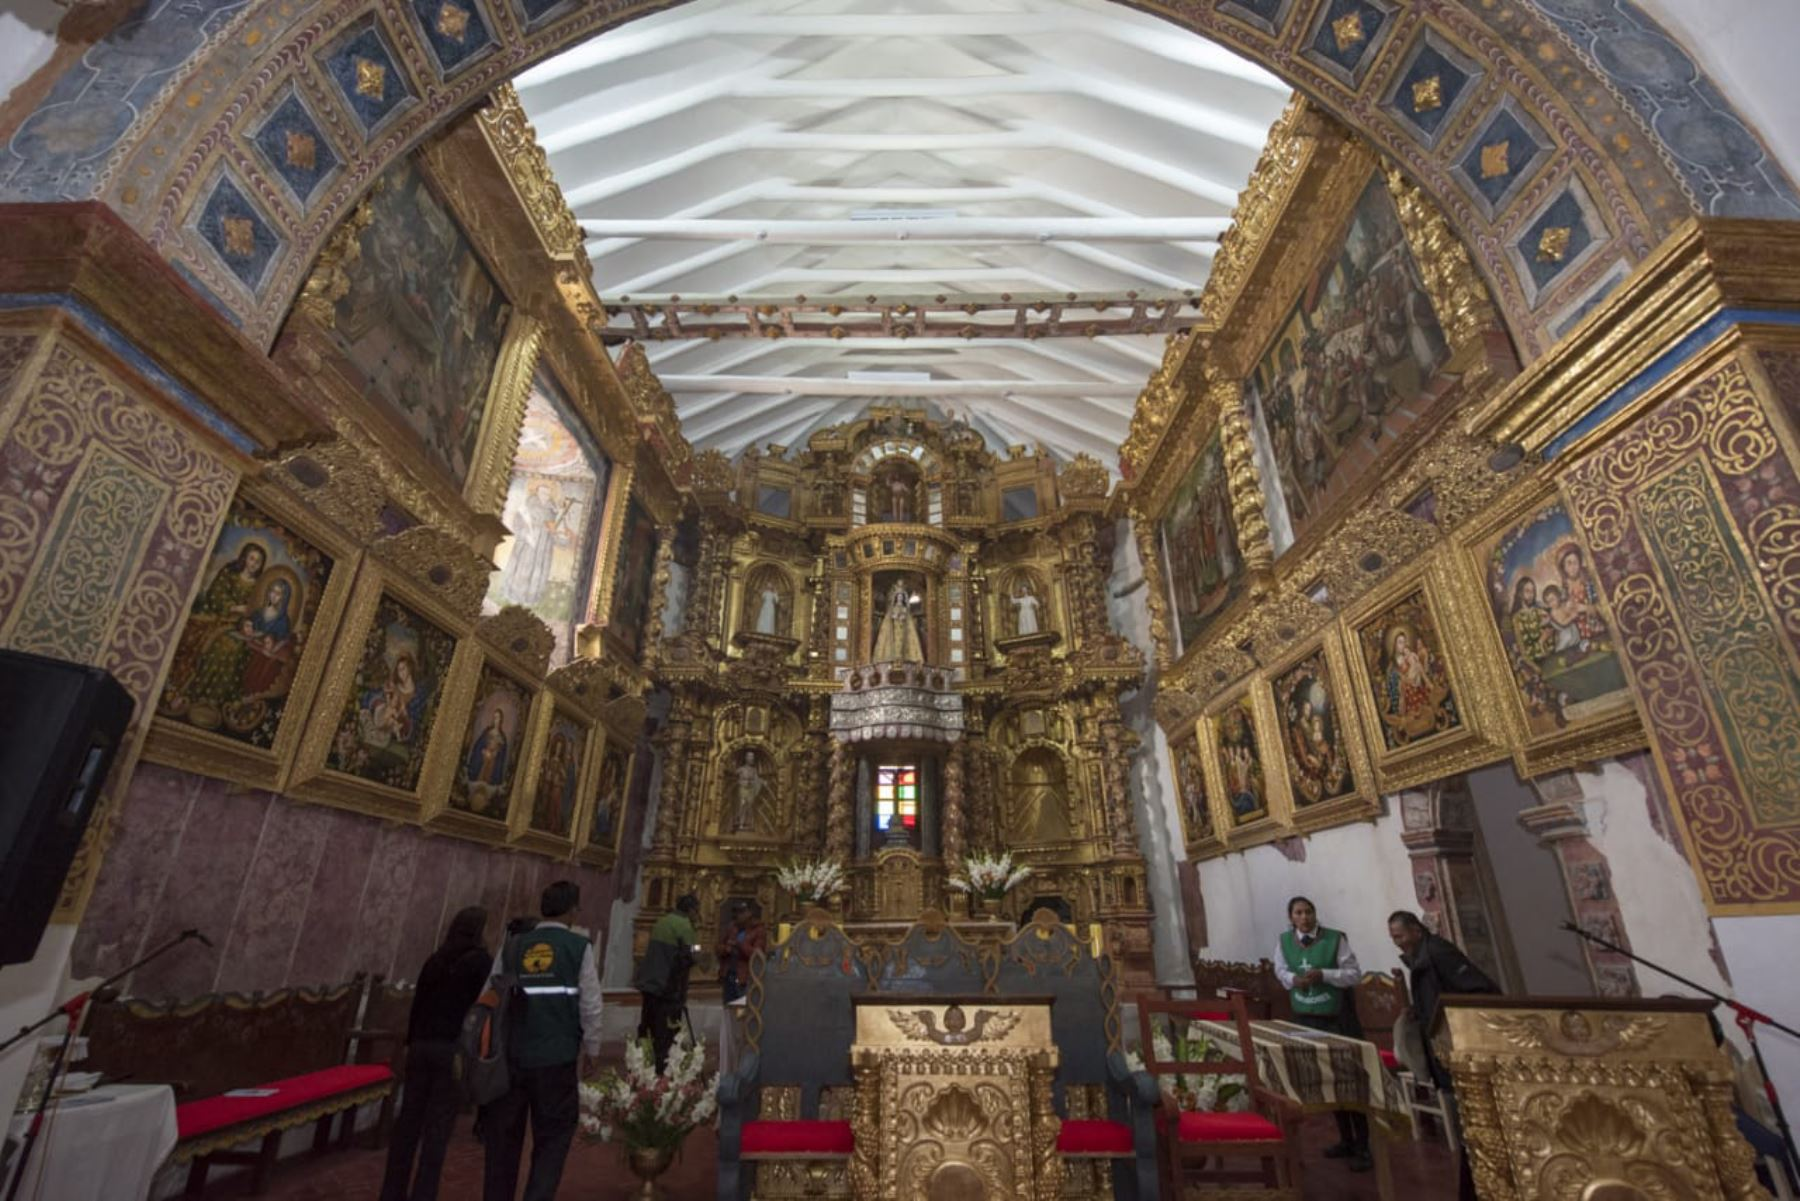 Templo colonial San Juan Bautista de Coporaque, una joya que vuelve a brillar - Agencia Andina